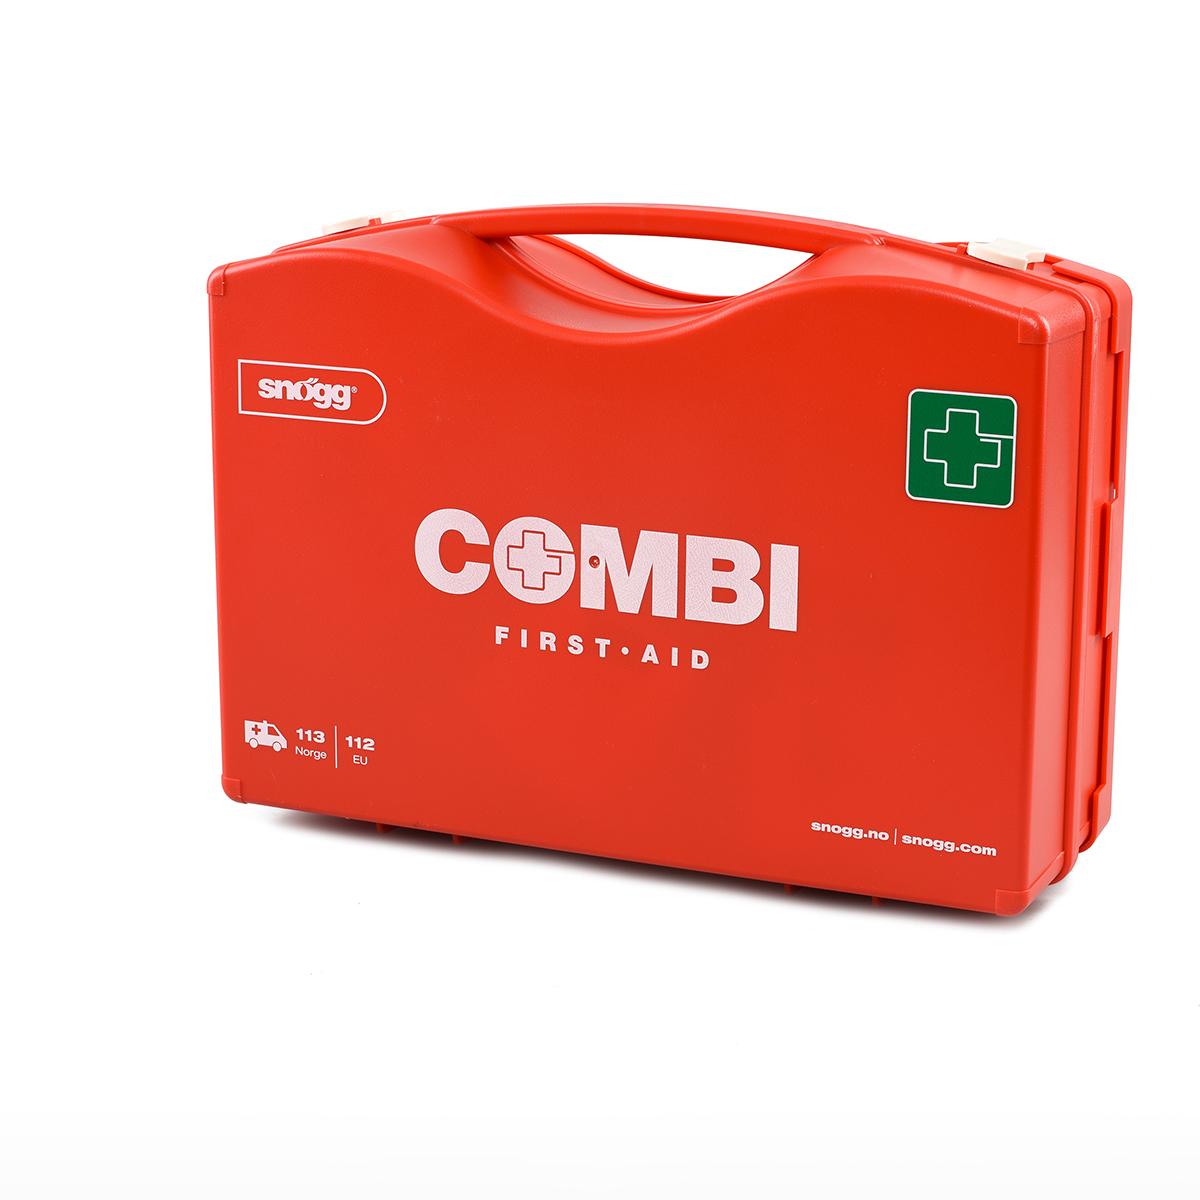 Snøggkofferten Combi, førstehjelpskoffert